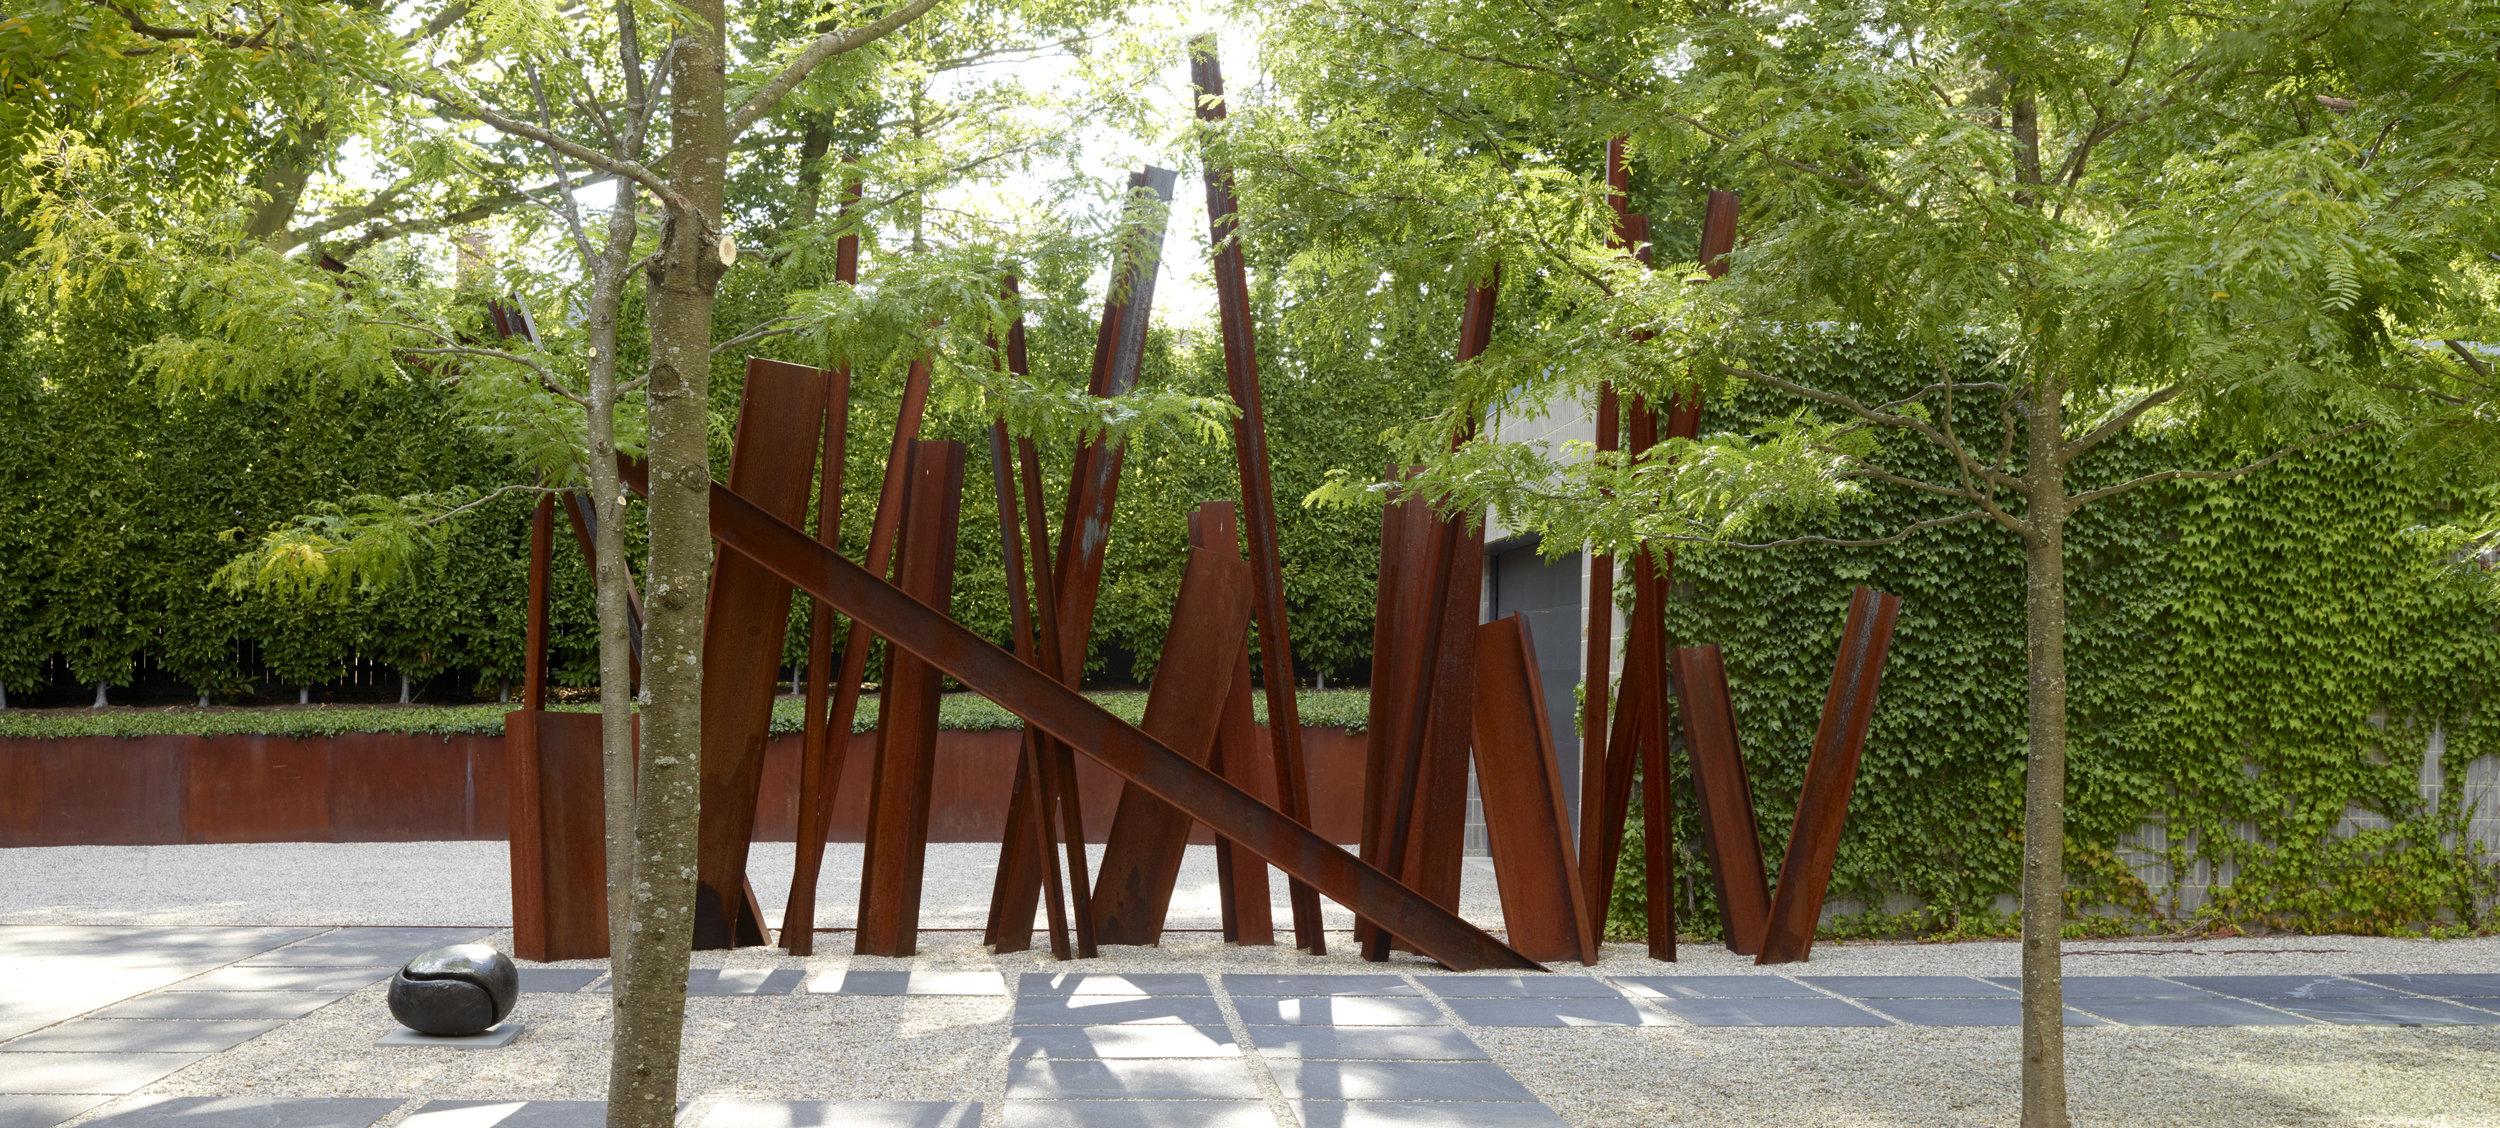 andrea cochran architecturaal in combinatie met bomen